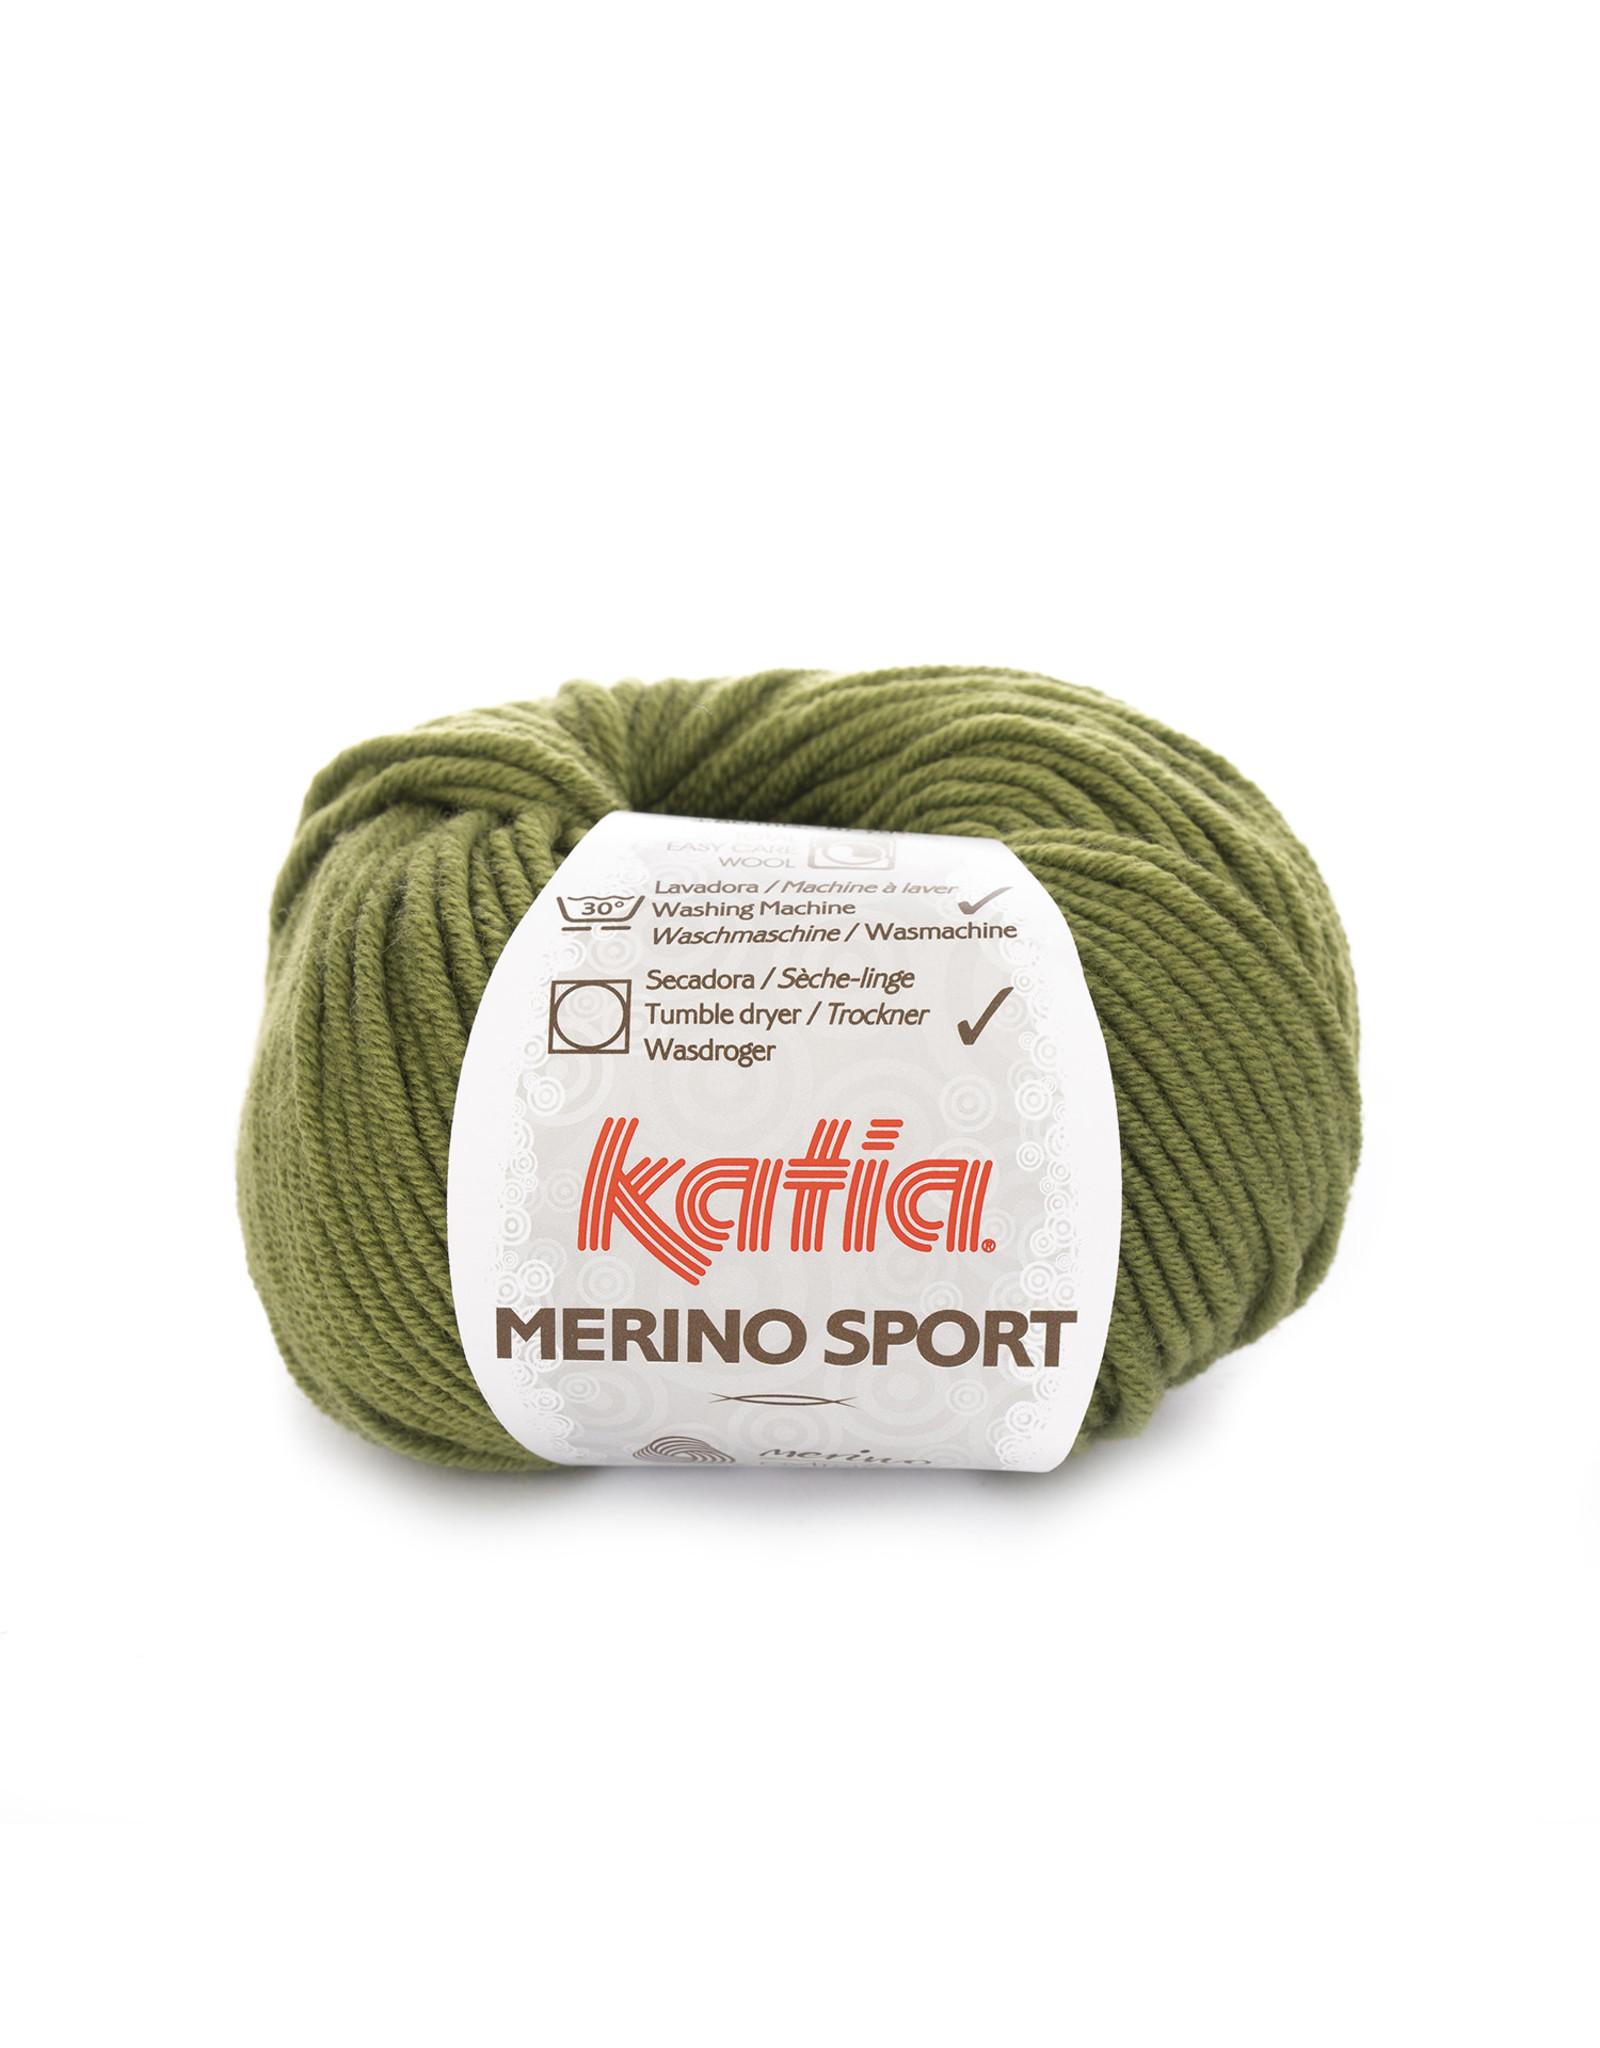 Katia Katia - Merino Sport - 16 Licht groen - 50 gr.